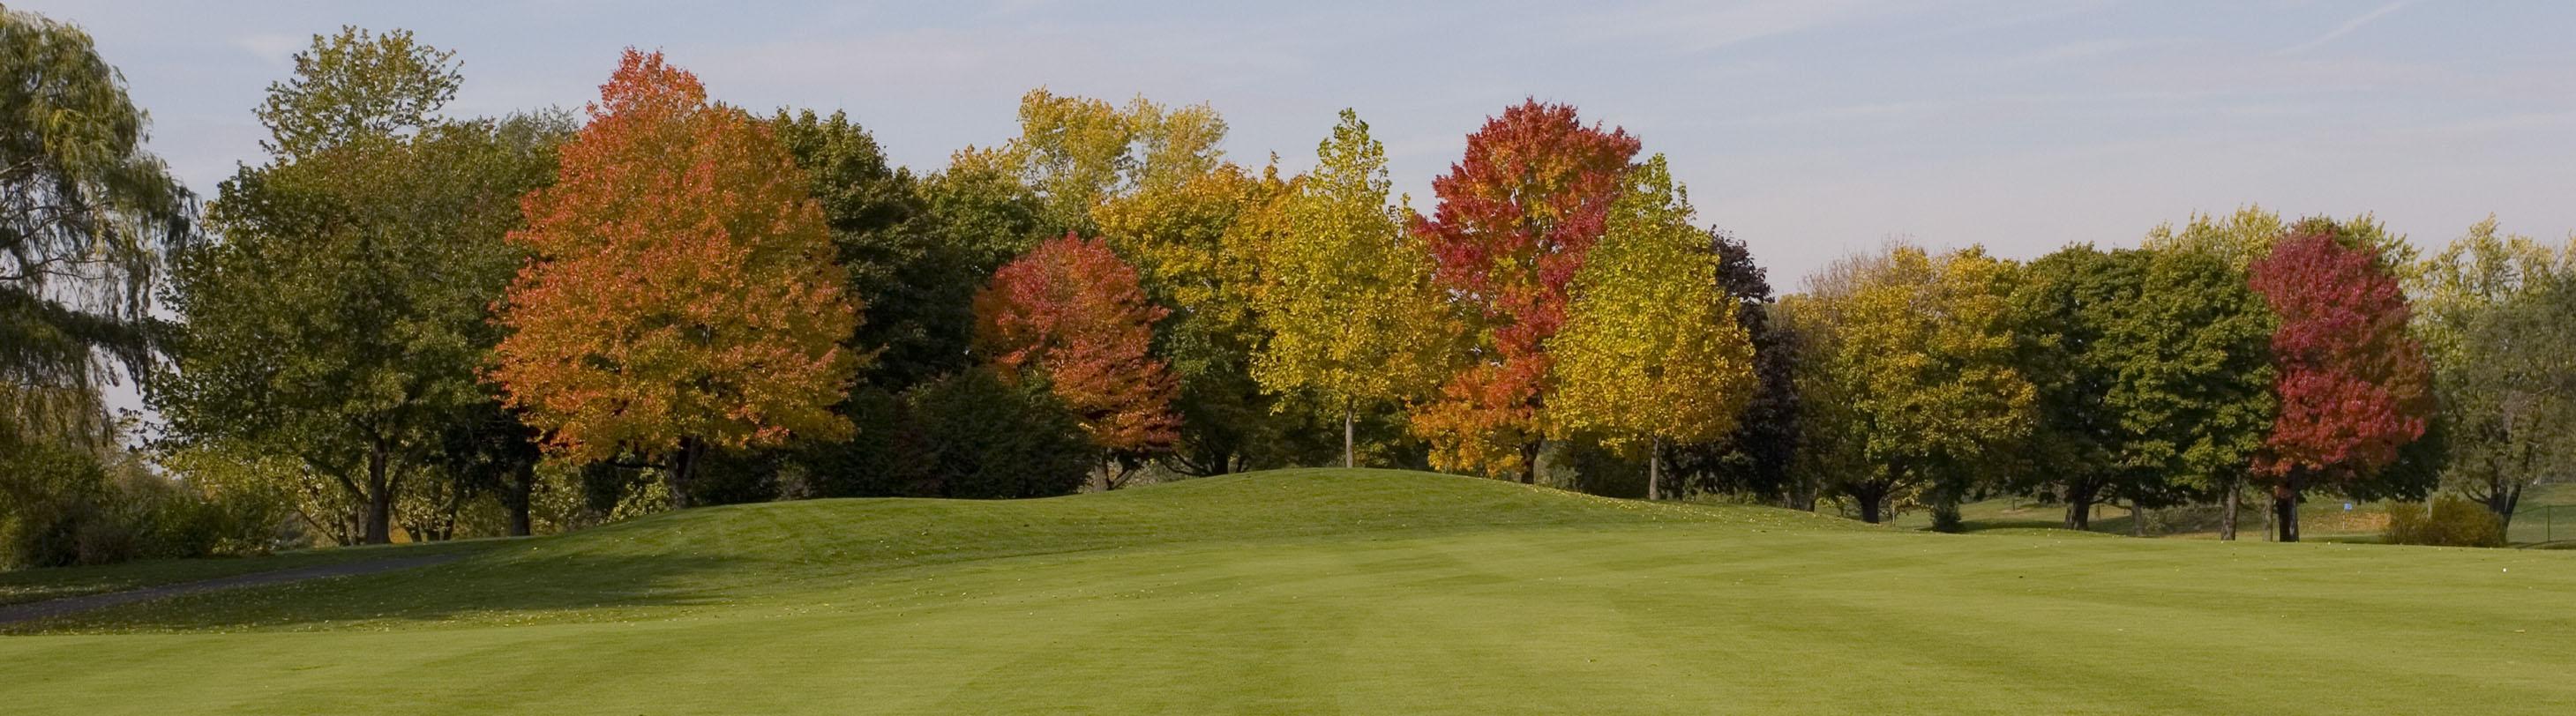 Bring home the turkey at Schaumburg Golf Club's annual golf scramble